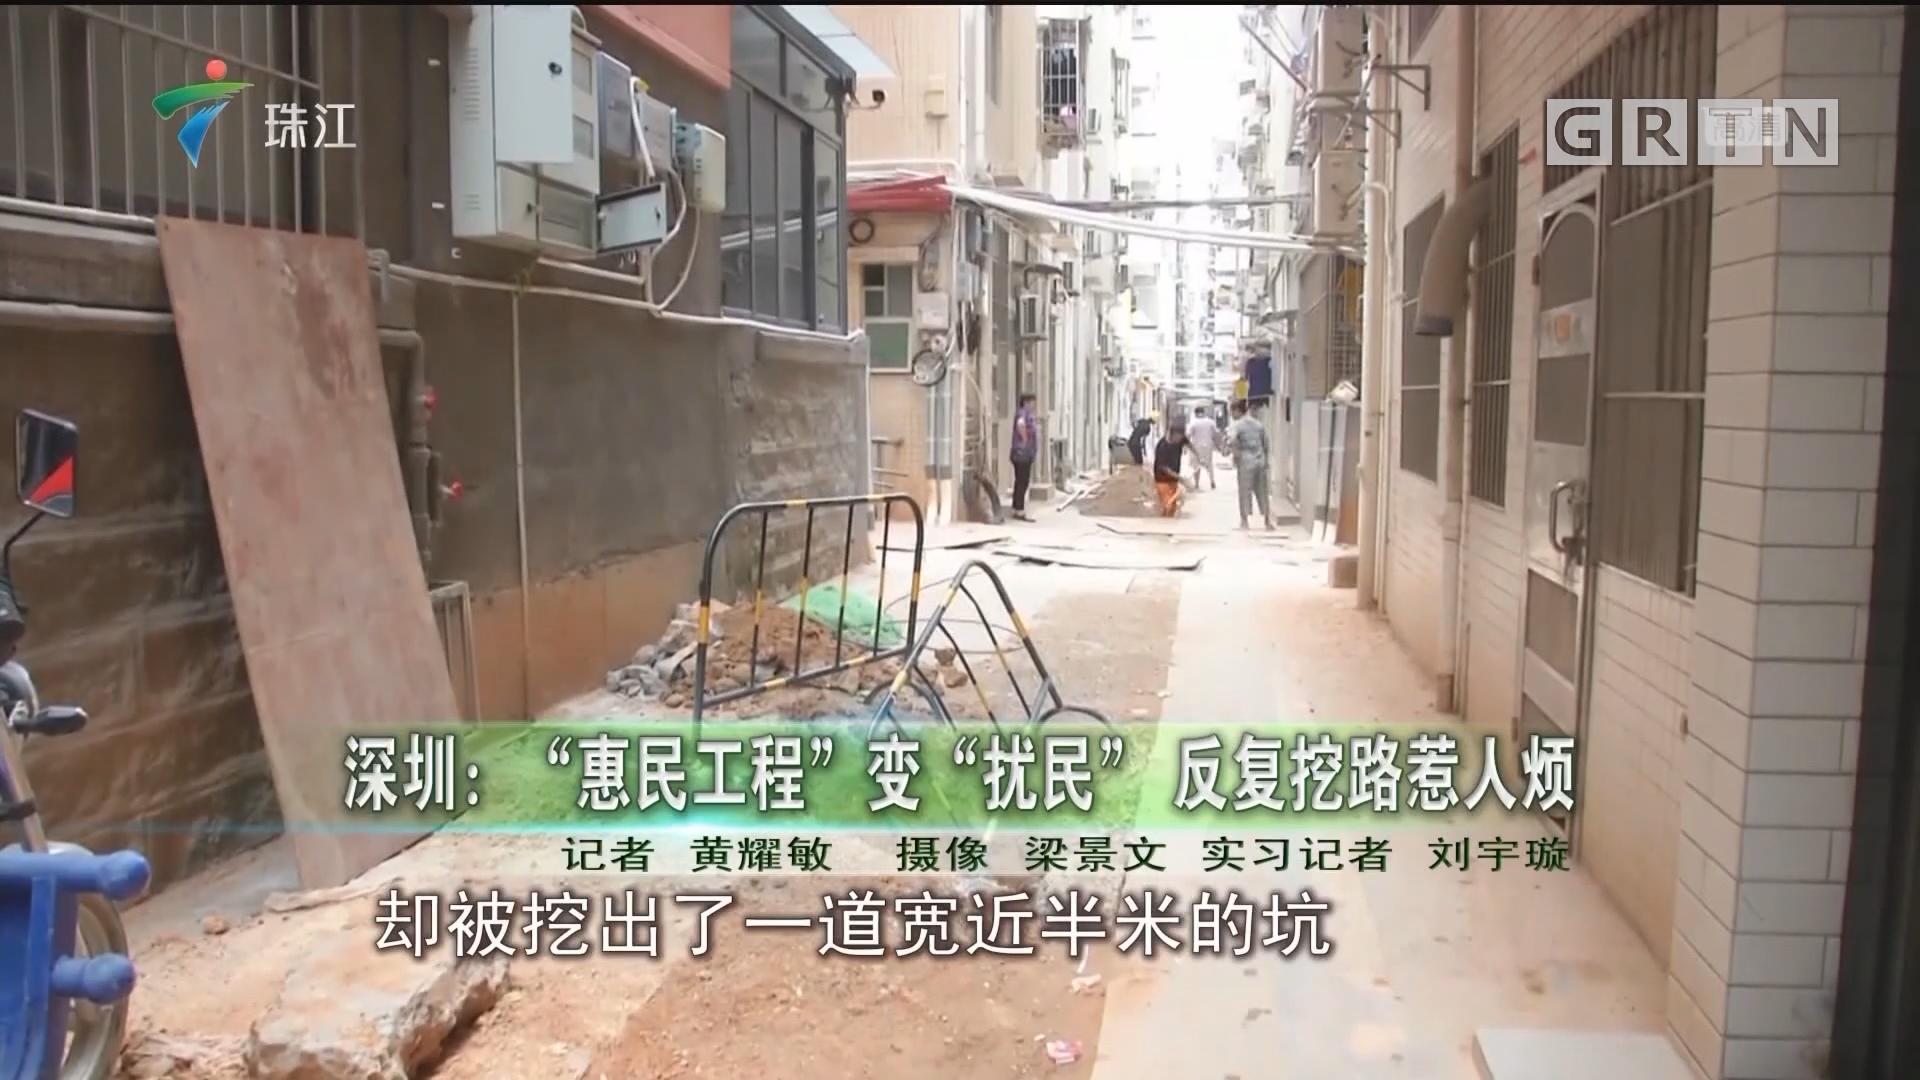 """深圳:""""惠民工程""""变""""扰民"""" 反复挖路惹人烦"""